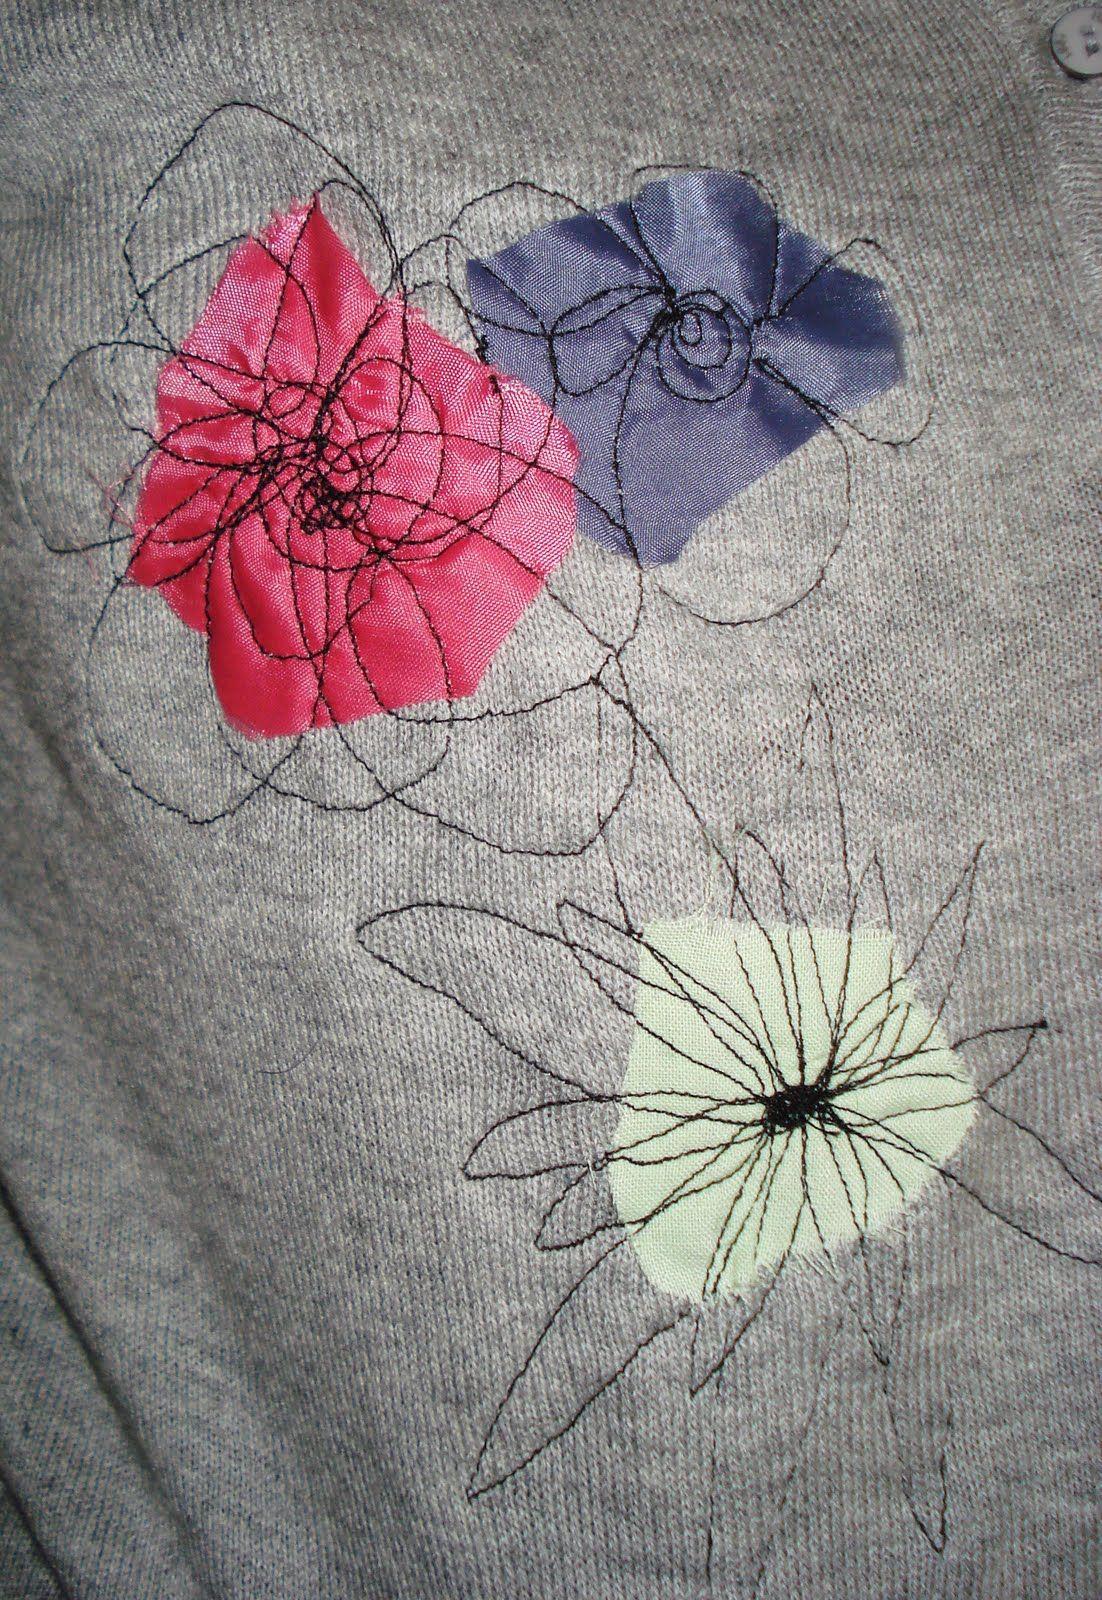 Kwiatki patching holes or embellishing clothing pinterest